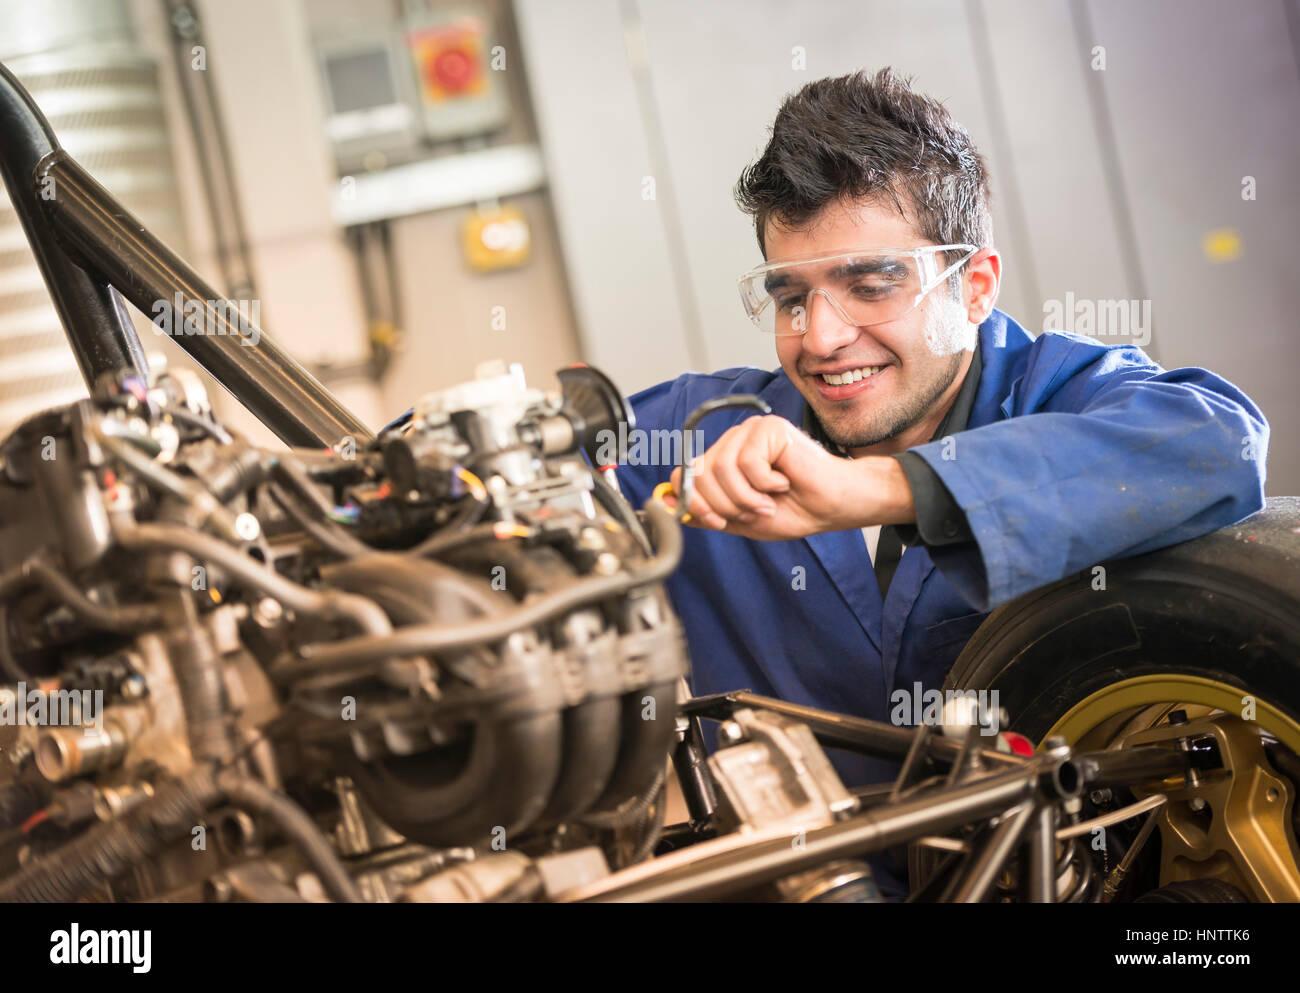 Mecánico que trabaja en un motor de automóvil Imagen De Stock